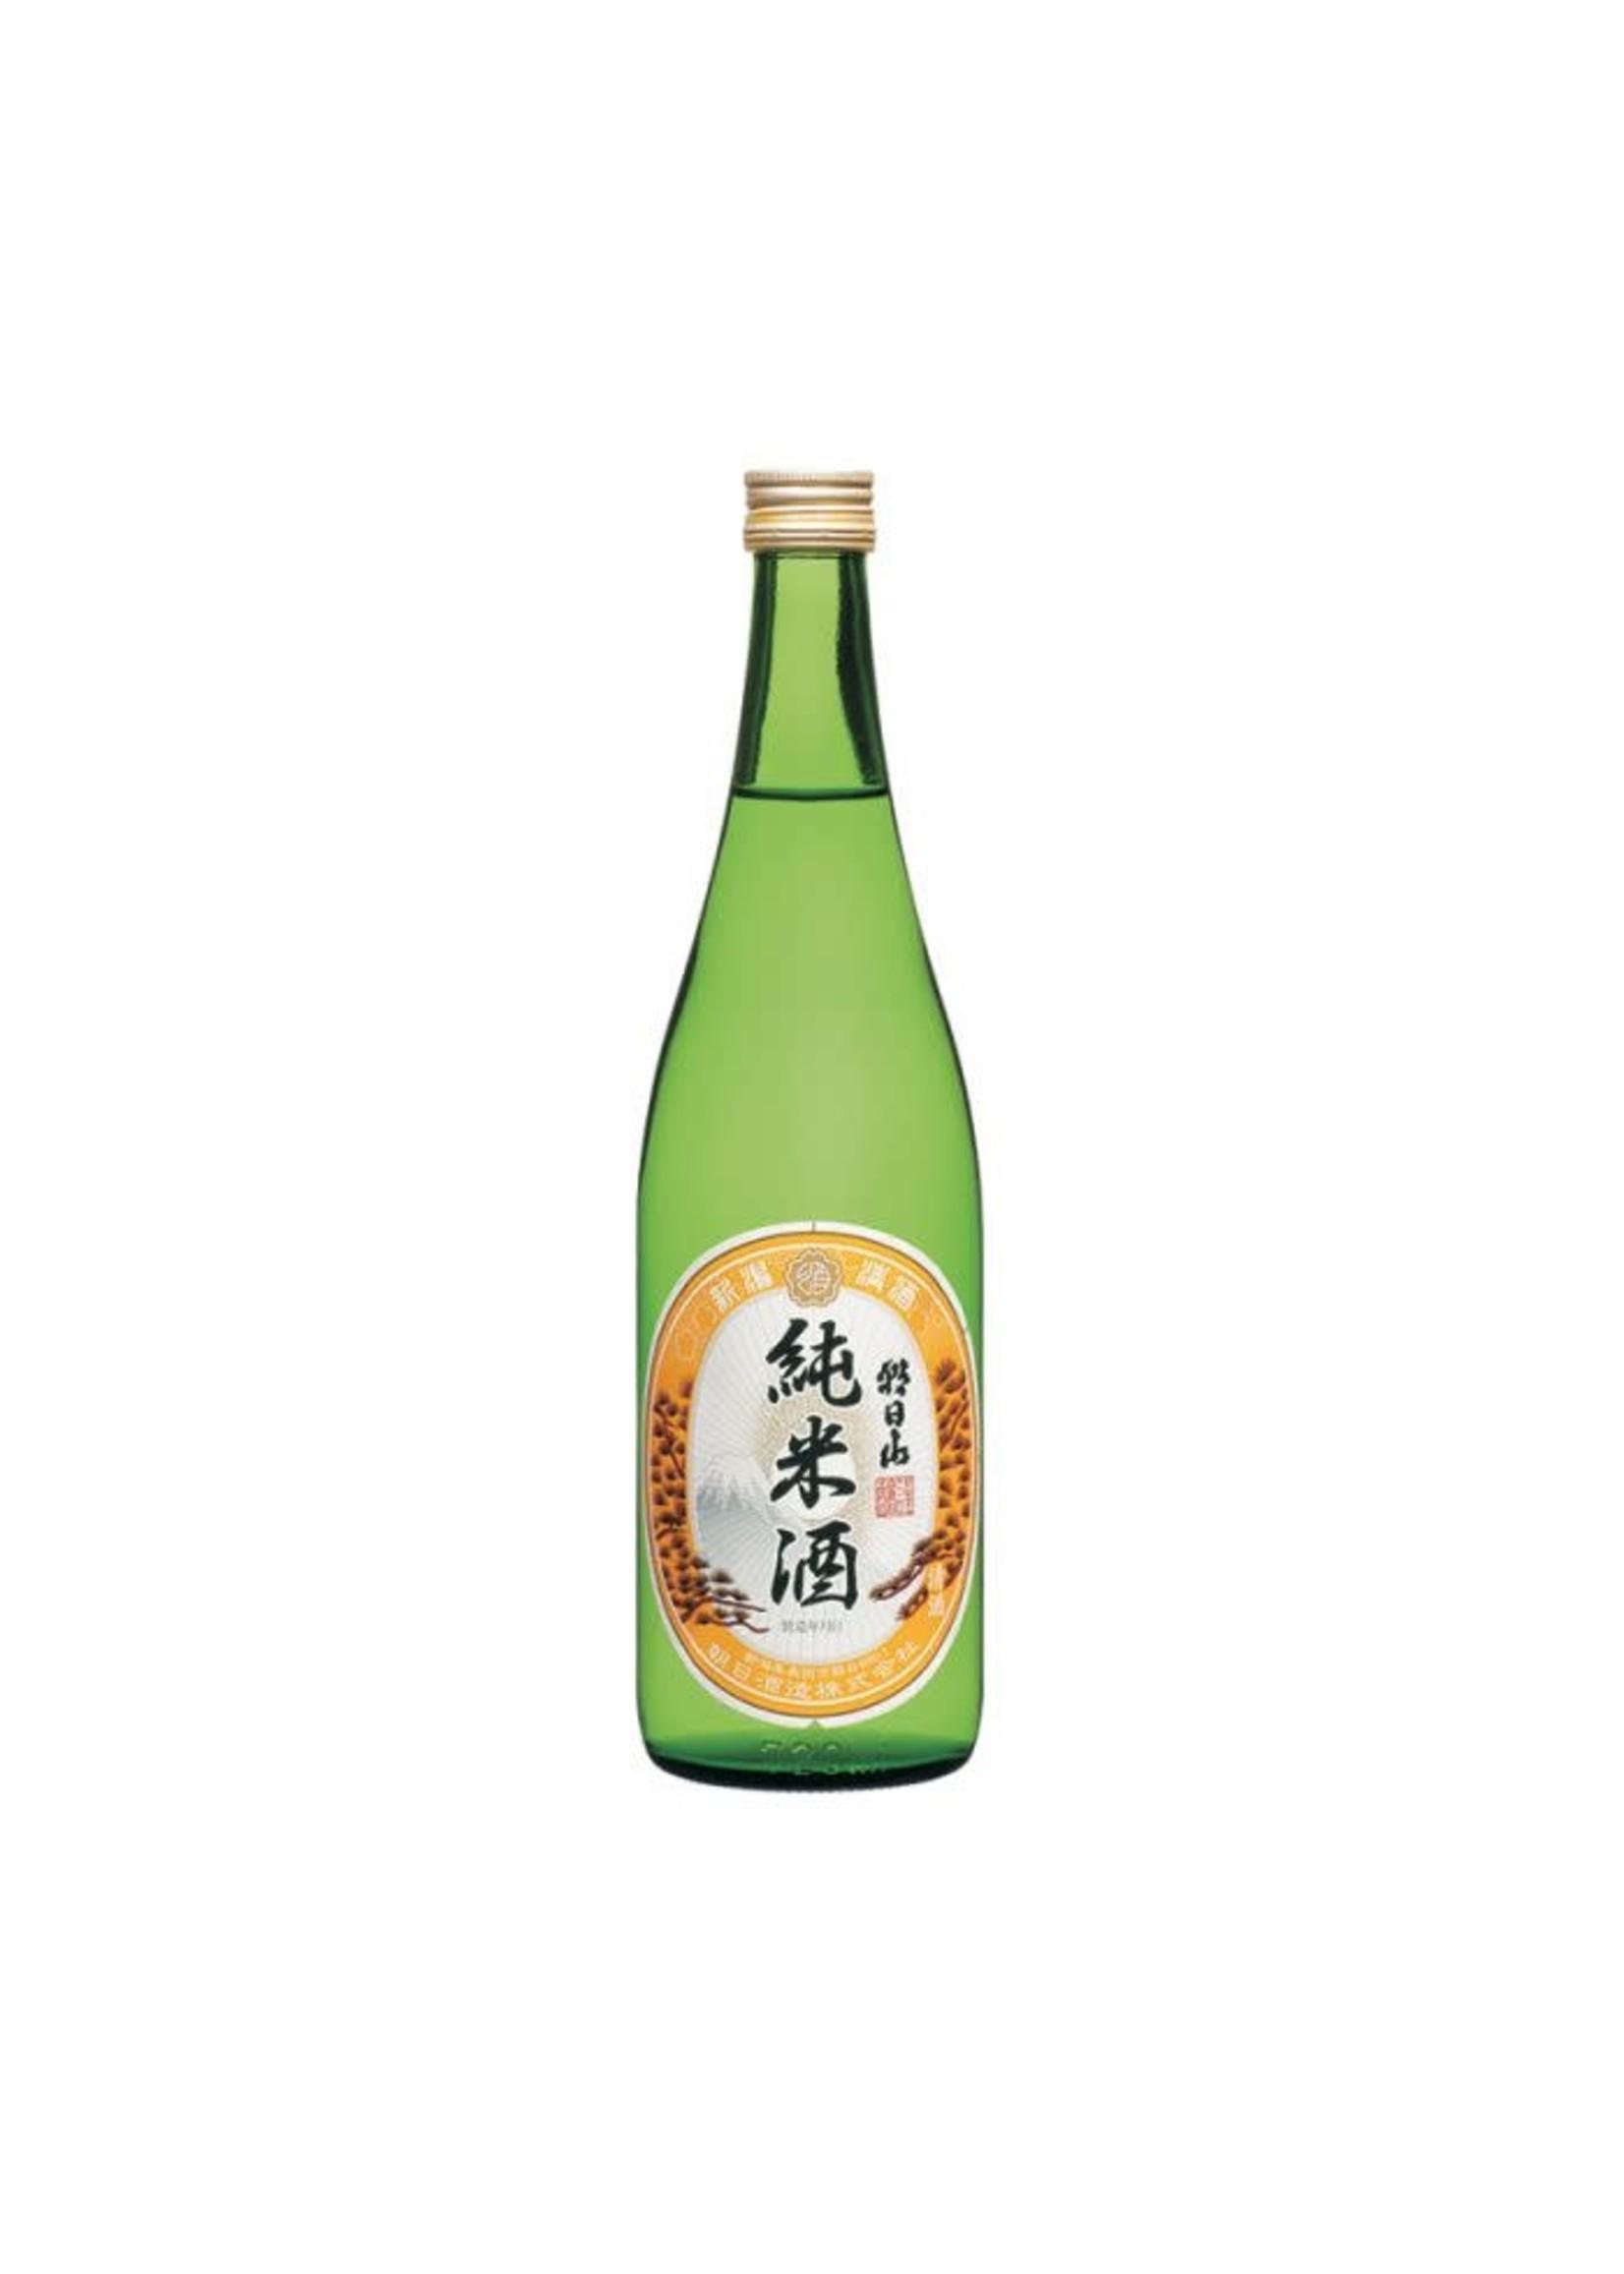 Asahi Shuzo (Niigata) Asahi Shuzo (Niigata) / Asahiyama Junmai / 720mL